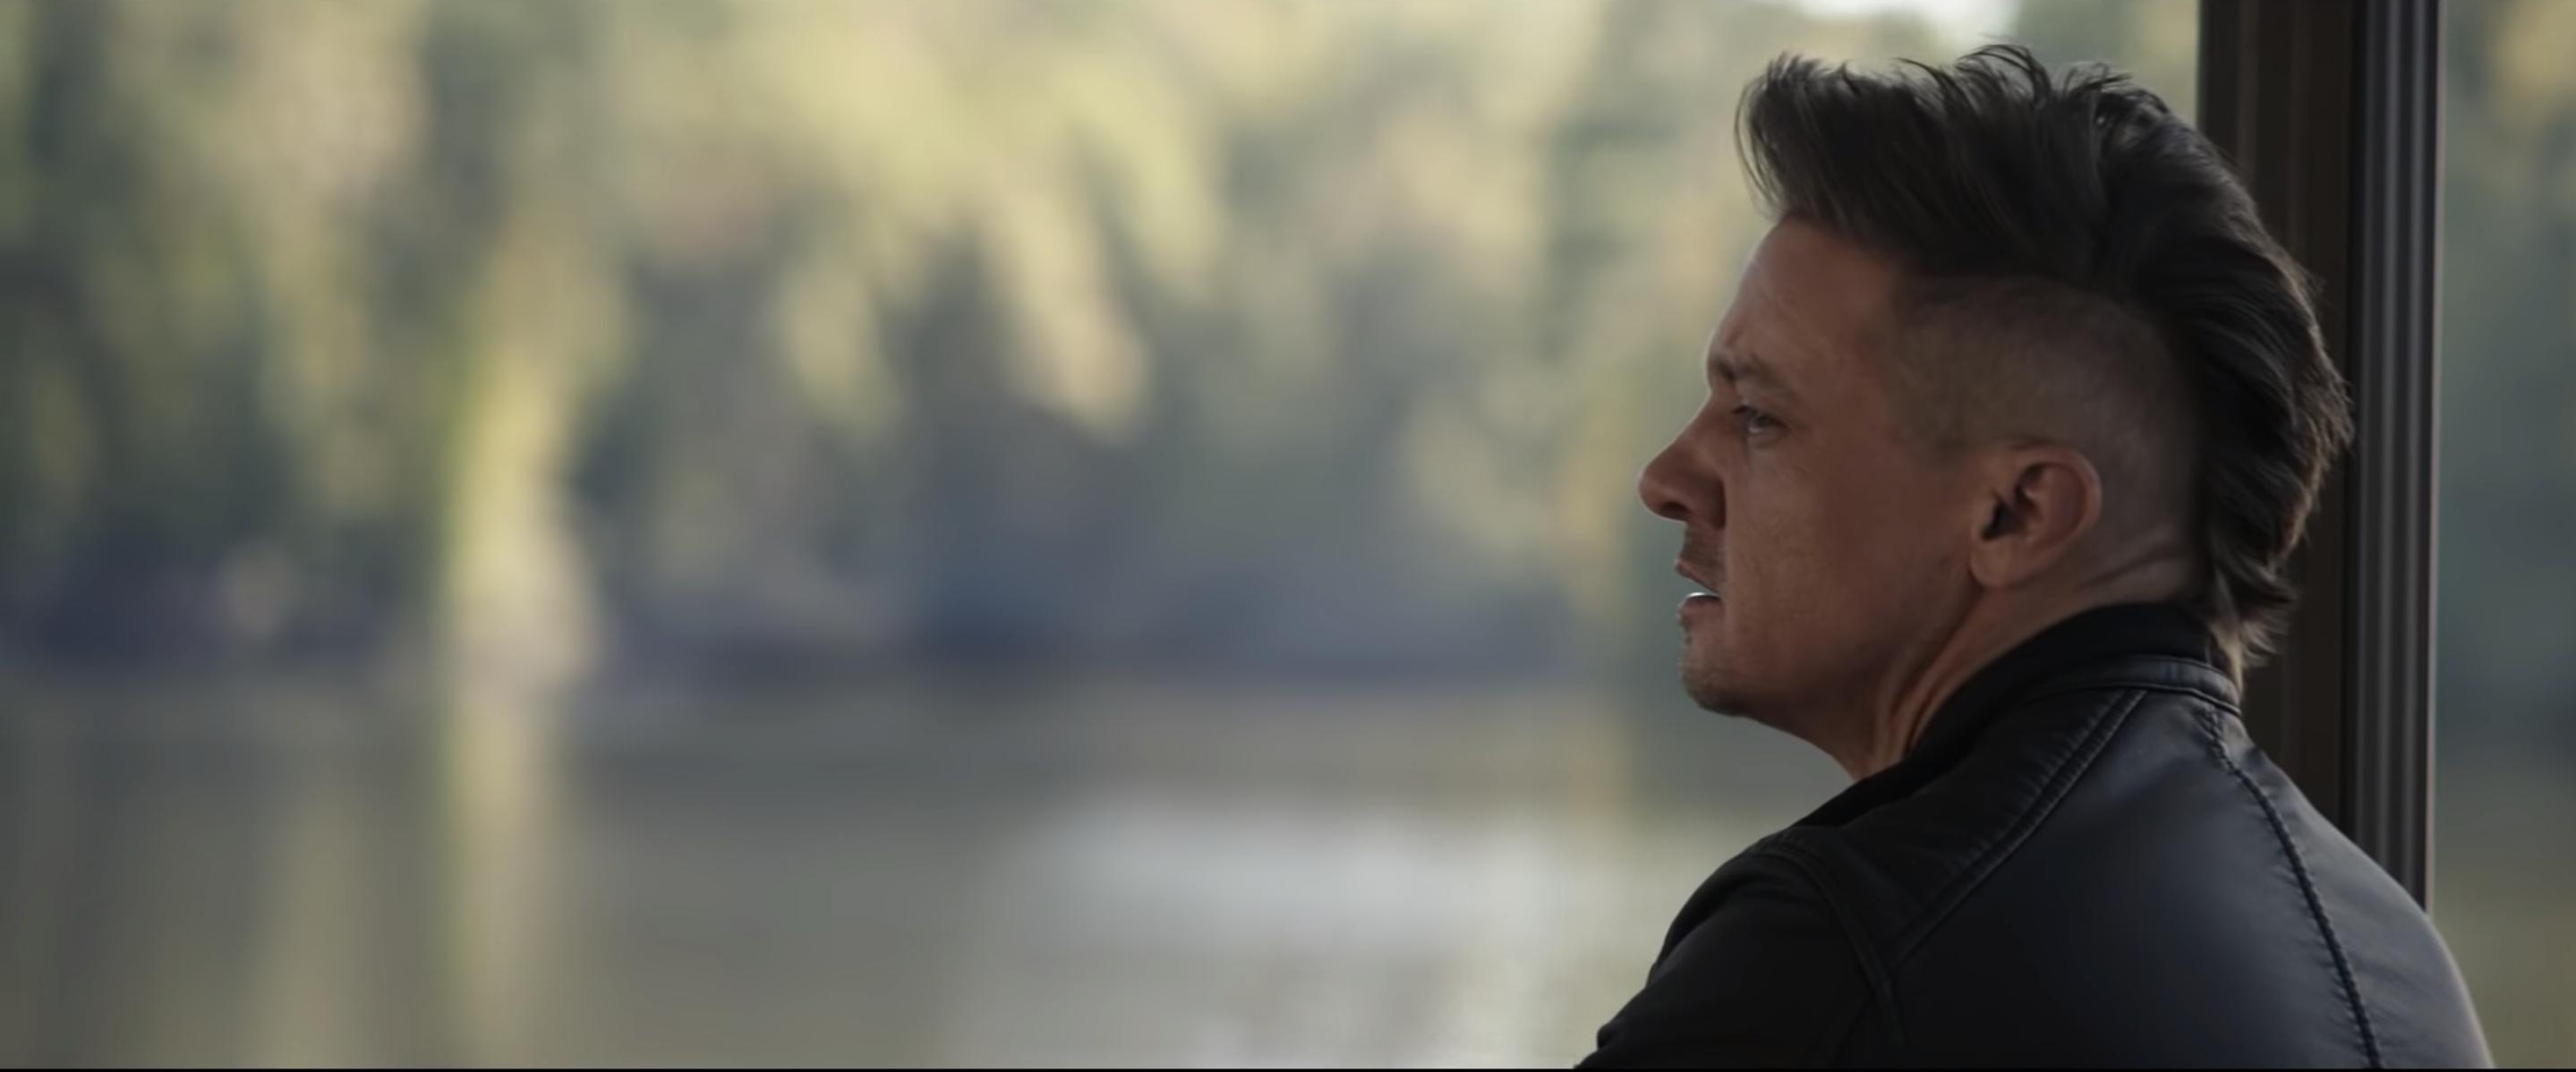 hawkeye's hair 'avengers: endgame' trailer reactions